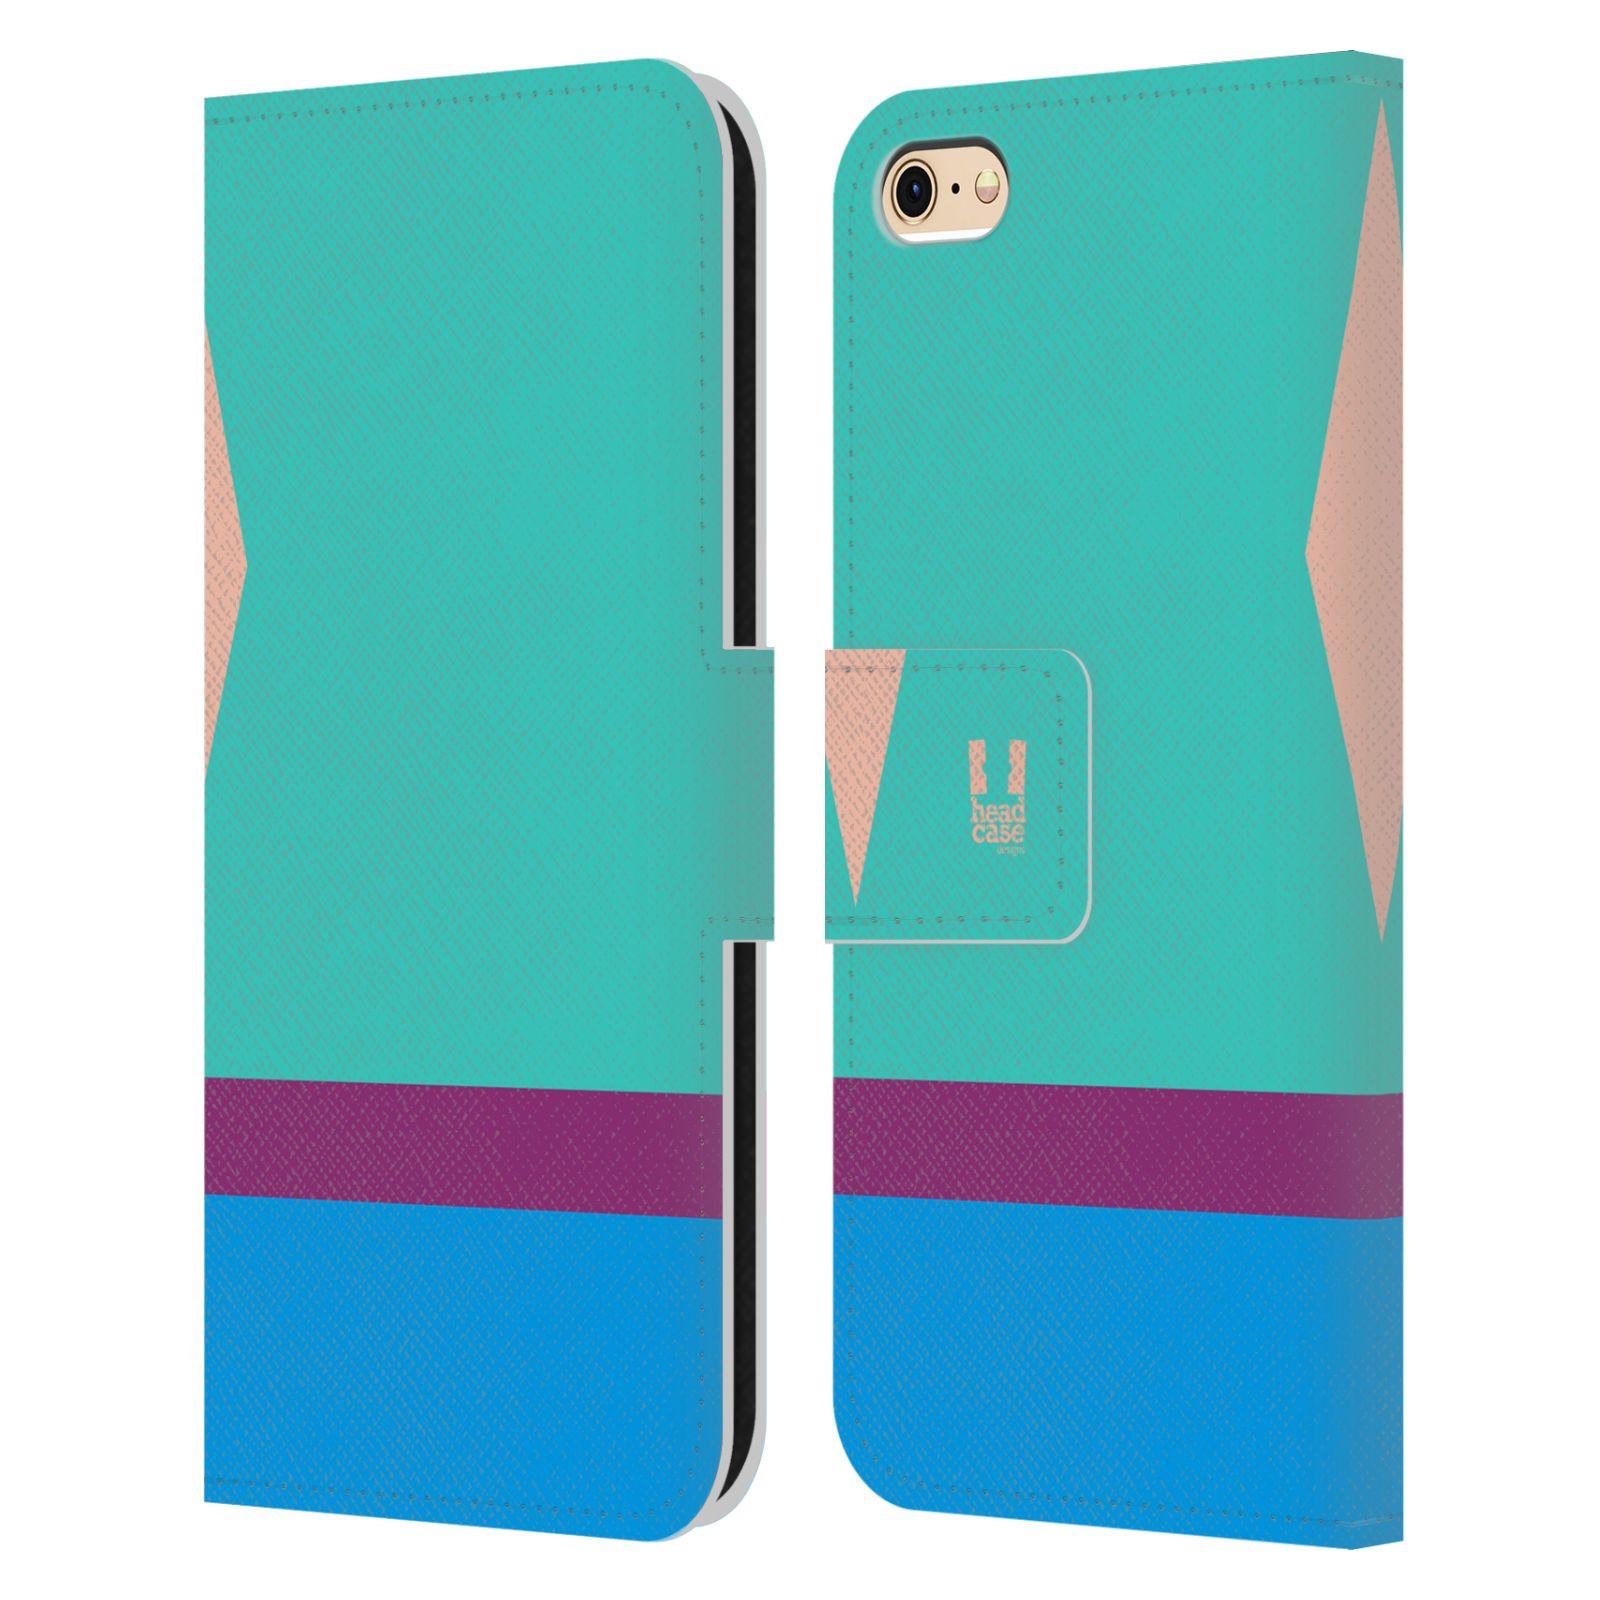 HEAD CASE Flipové pouzdro pro mobil Apple Iphone 6/6s barevné tvary modrá a fialový pruh